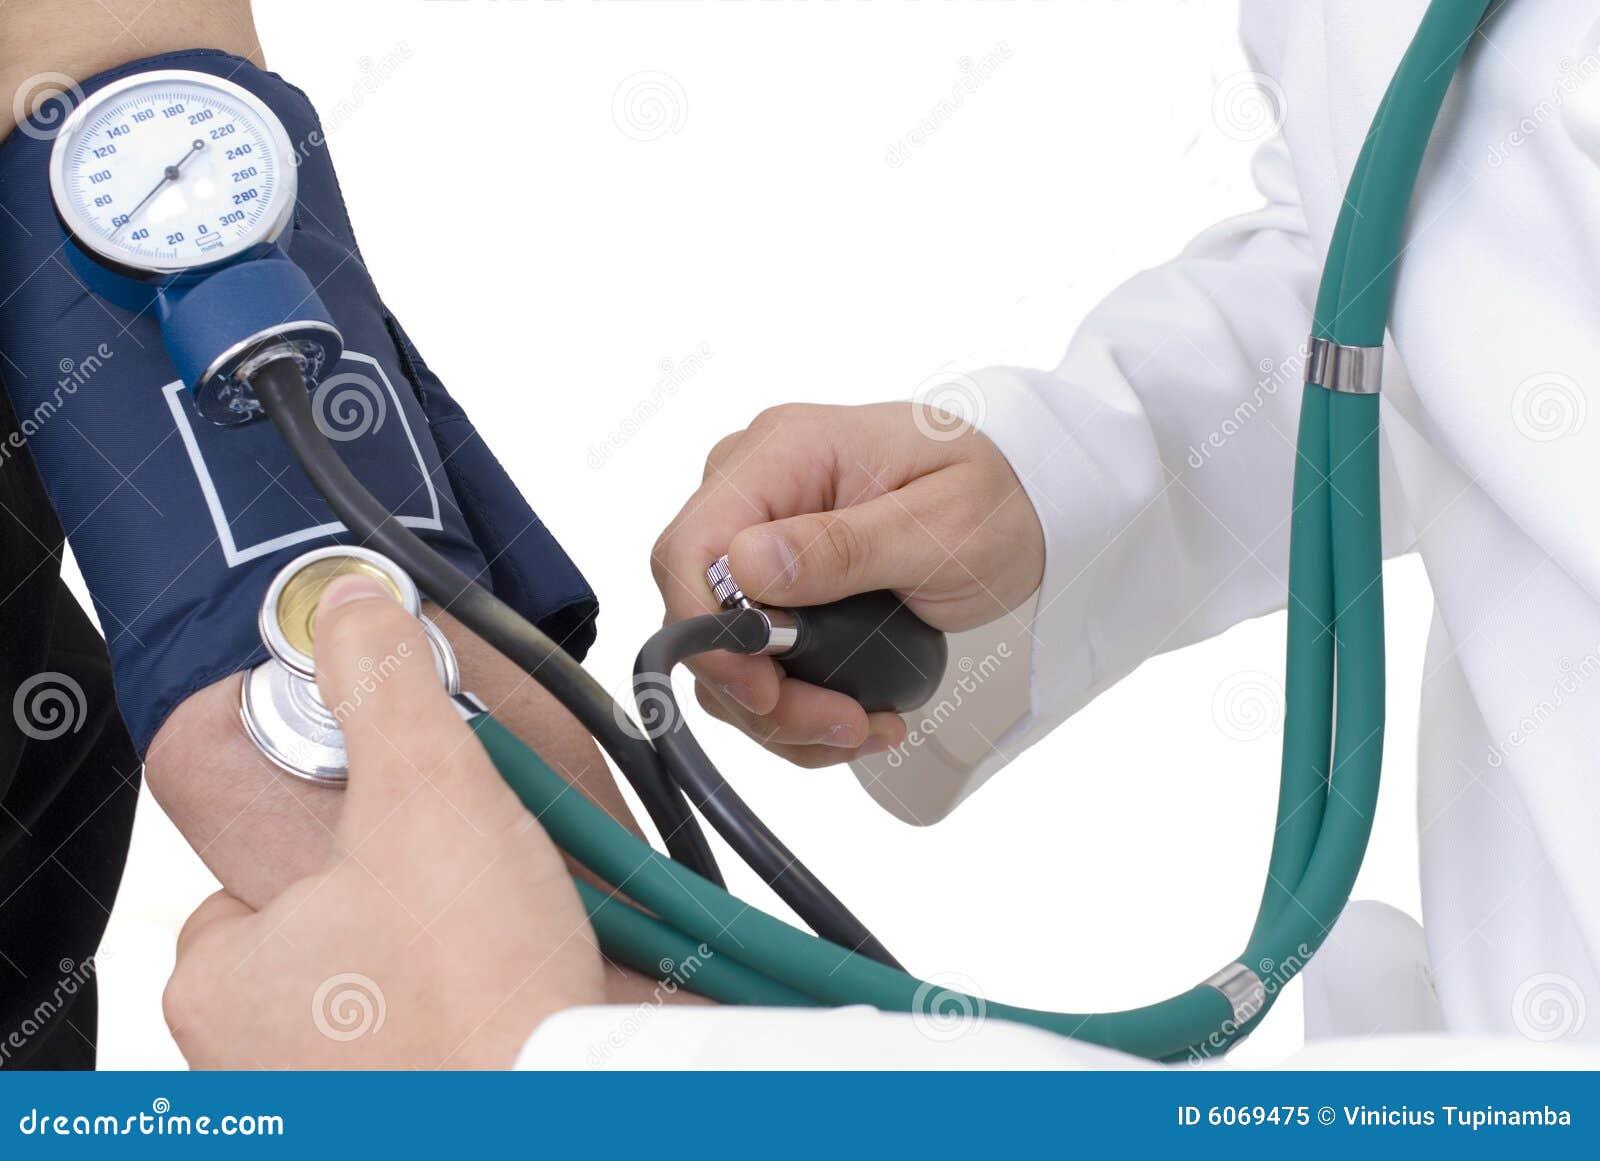 Лечение в домашних условиях повышенного давления